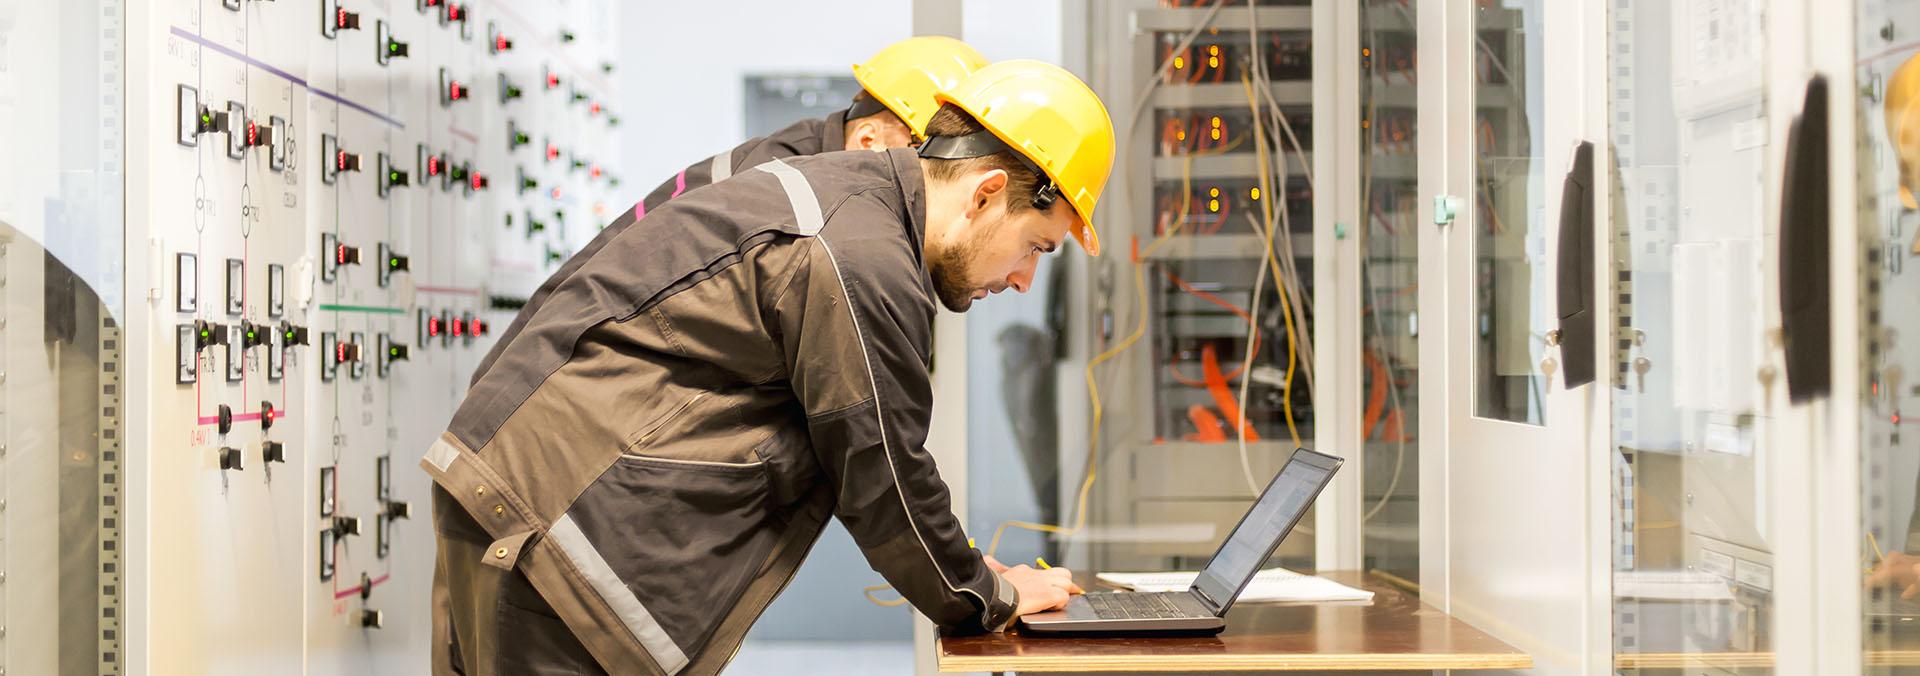 Elektrik-Elektronik Mühendisliği (Tezli/Tezsiz)